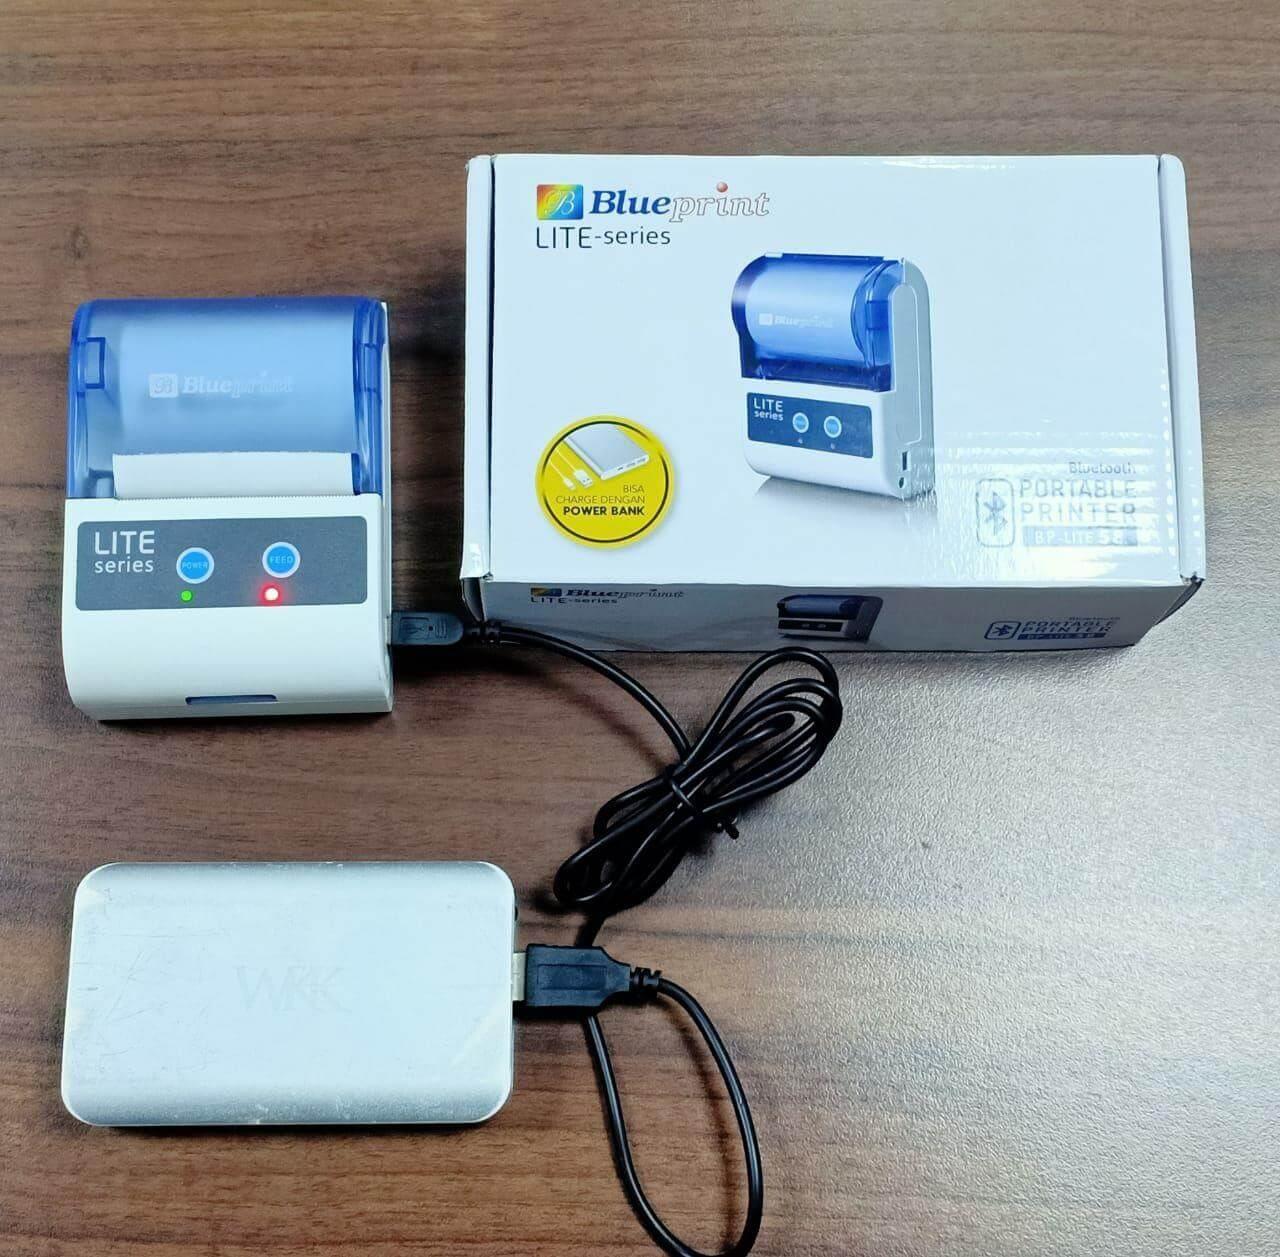 Printer Mini Thermal Bluetooth Murah - BPLite TMU58 - Charge dengan Powerbank